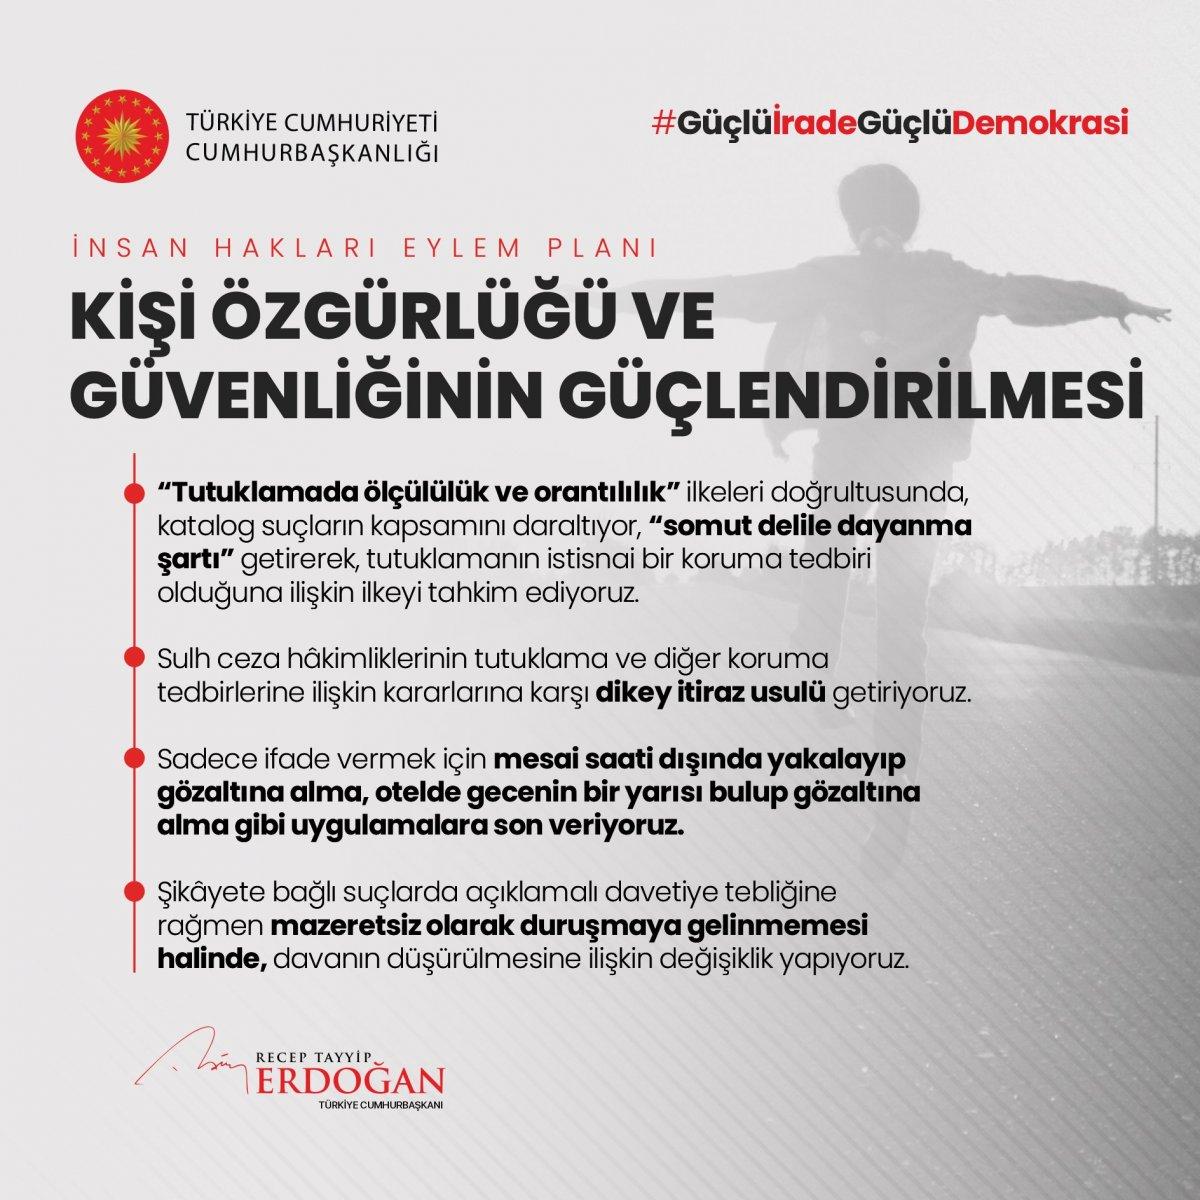 Erdoğan, İnsan Hakları Eylem Planı'nın 11 ilkesini açıkladı #5